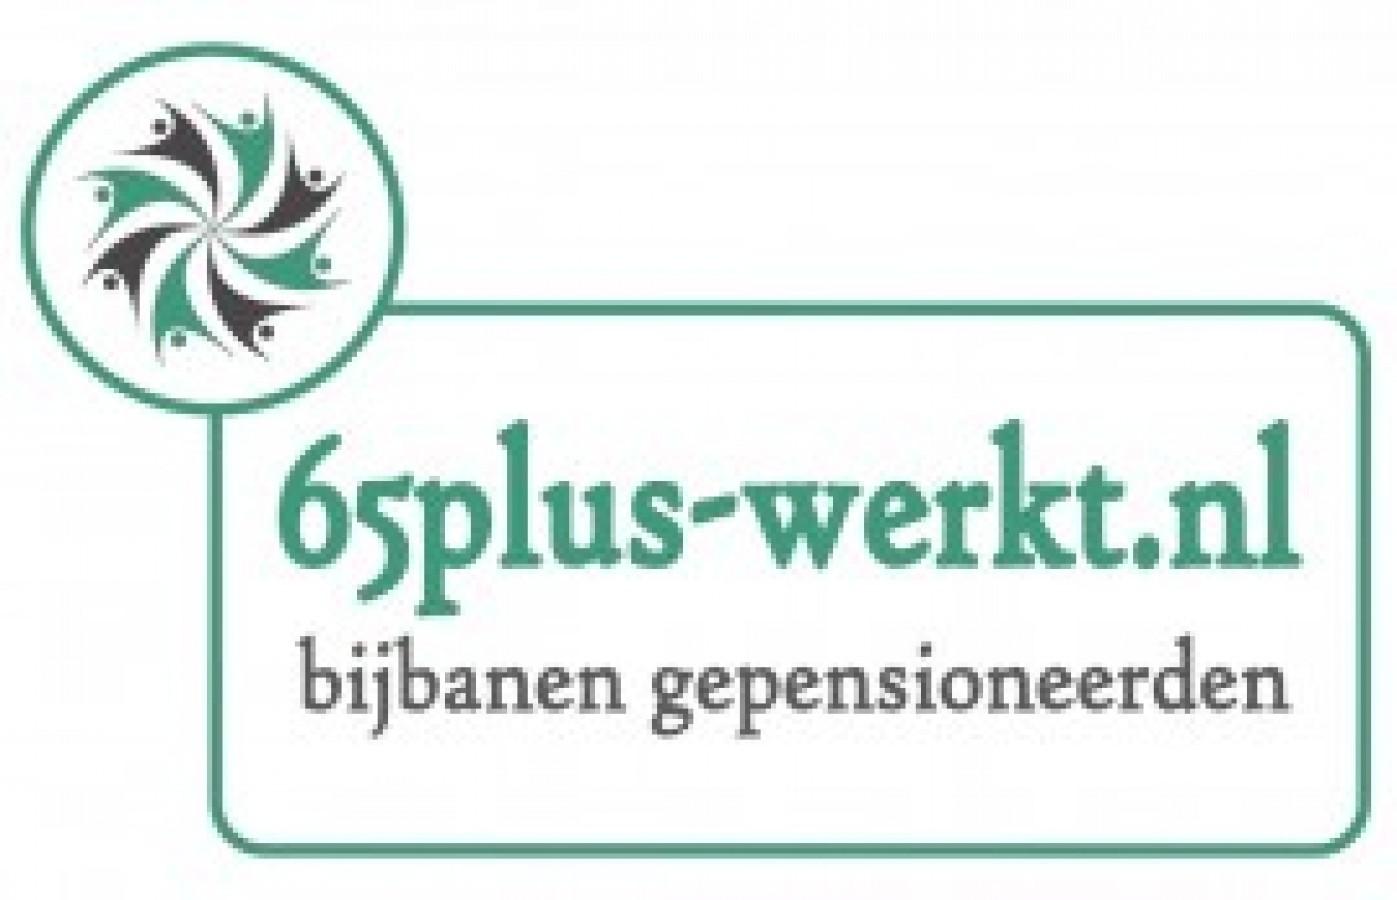 Aanmelden gepensioneerden voor bijbaan 65plus Werkt